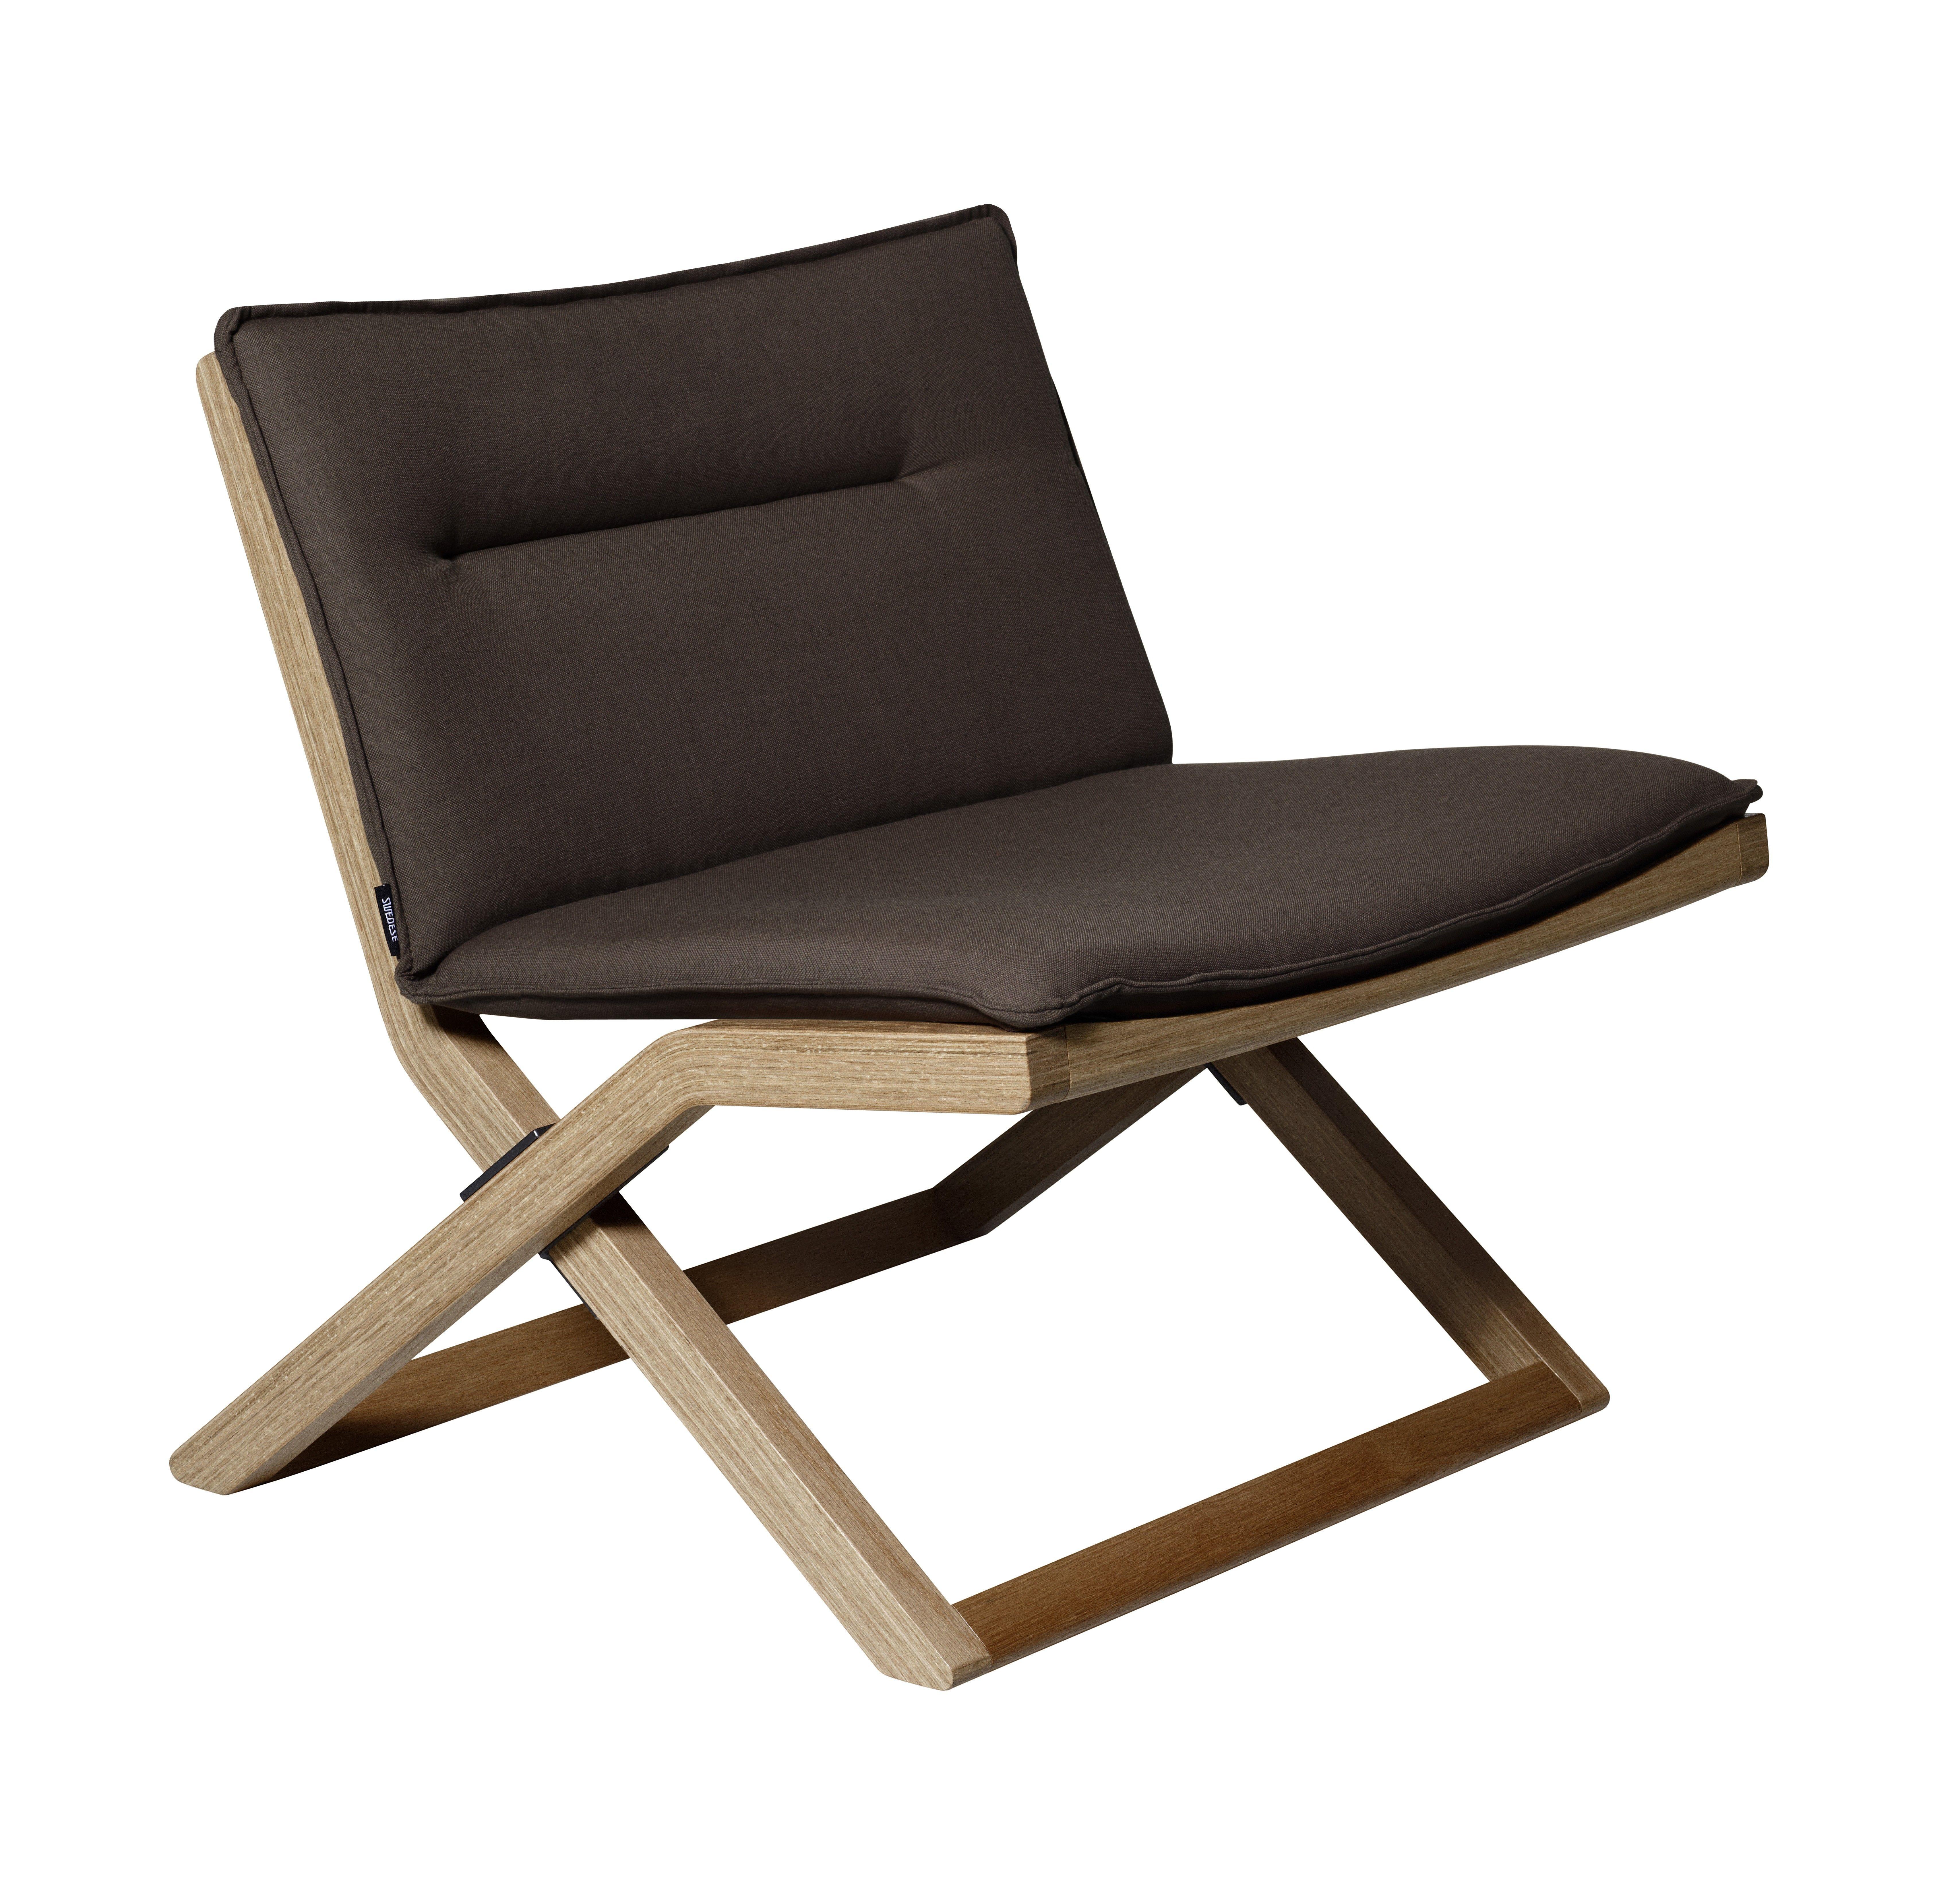 Außergewöhnlich Cruiser Sessel   Designer Sessel Von Swedese ✓ Umfangreiche Infos Zum  Produkt U0026 Design ✓ Kataloge ➜ Lassen Sie Sich Jetzt Inspirieren